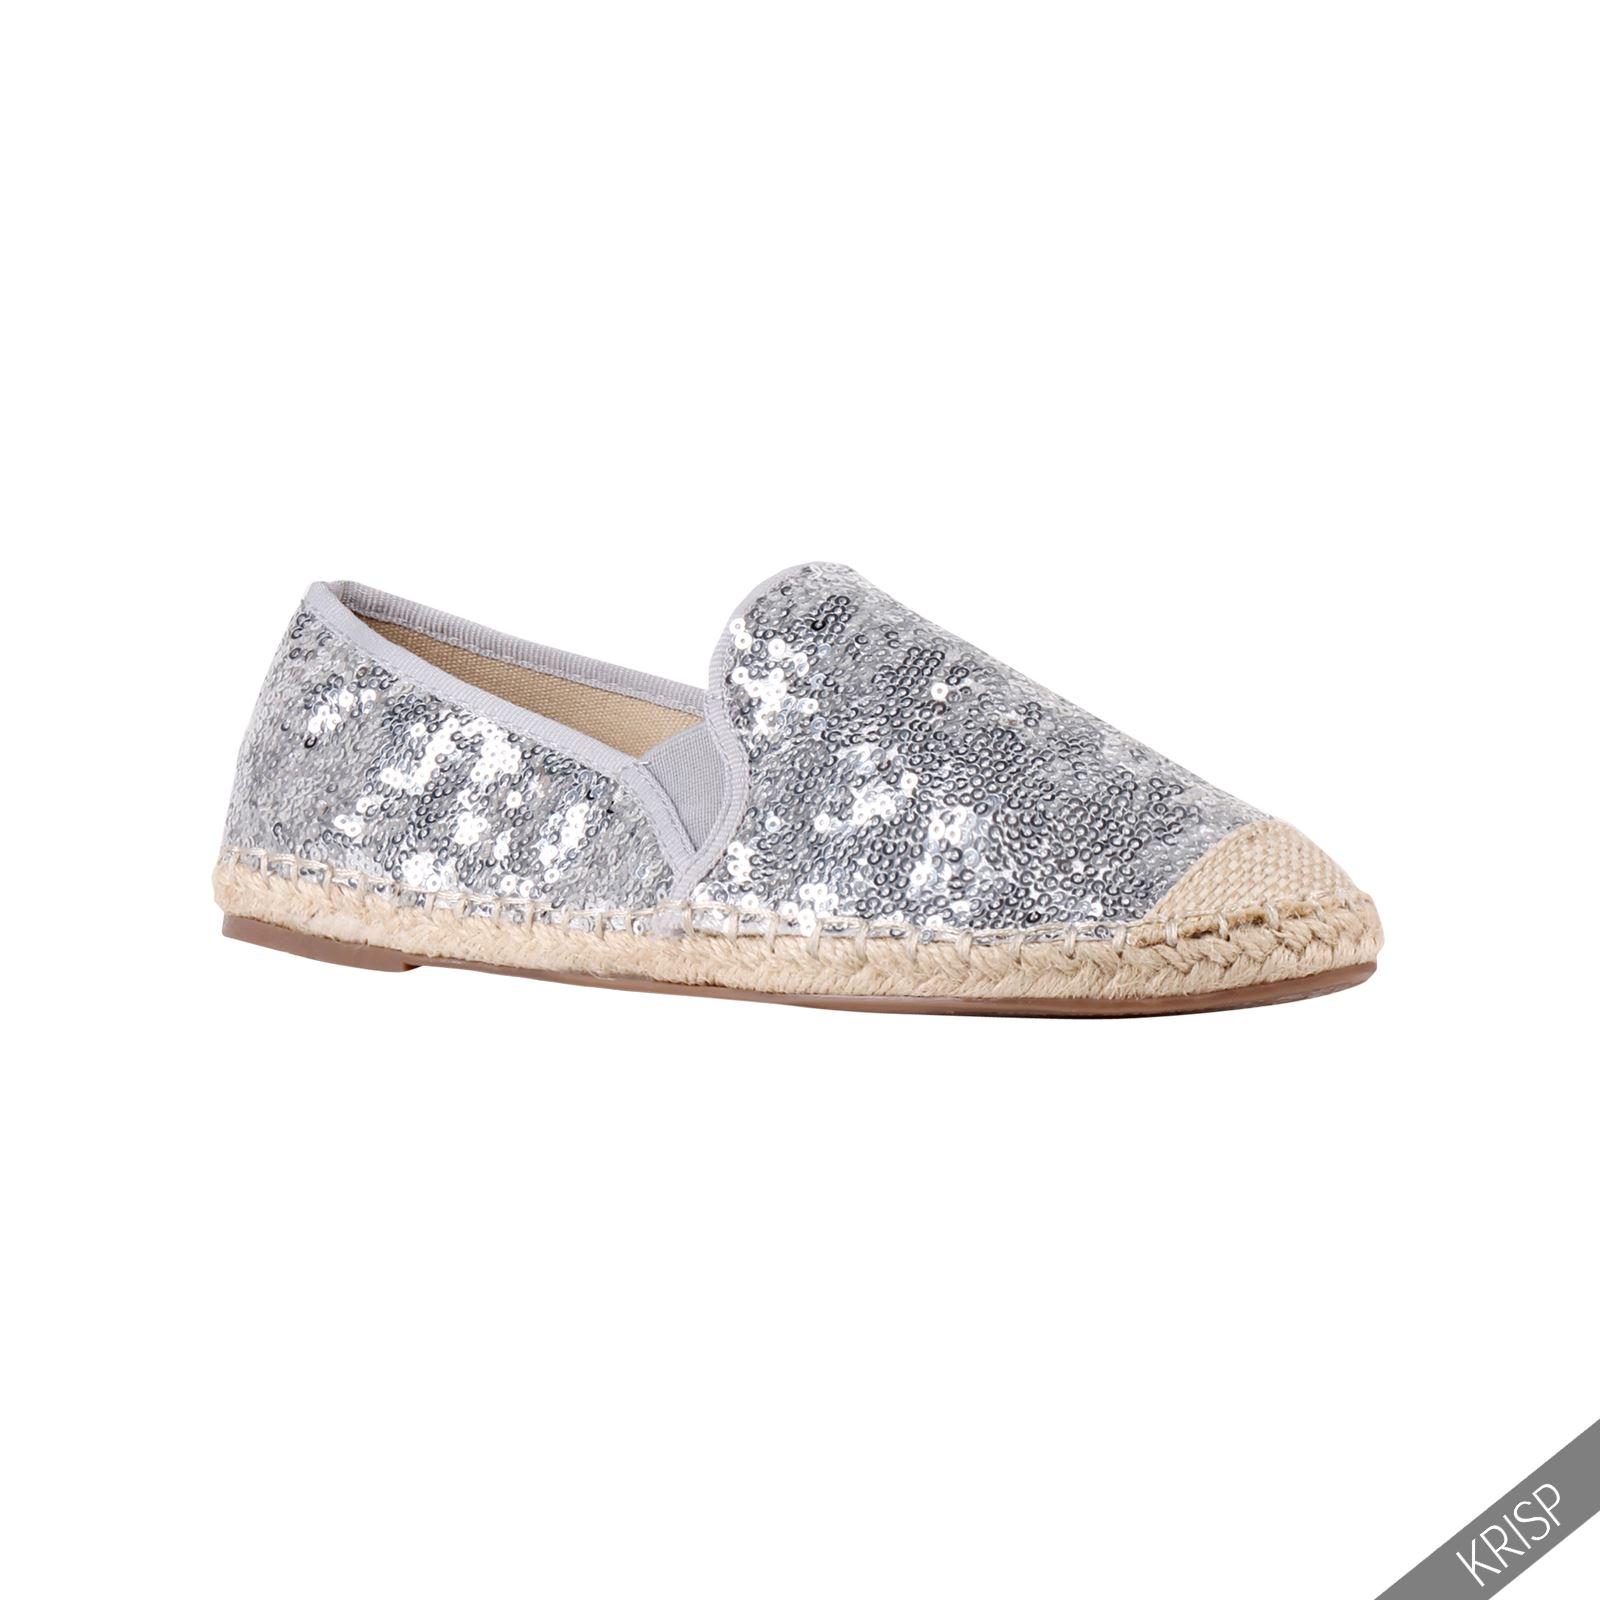 Womens Glitter Pu Shoes Uk